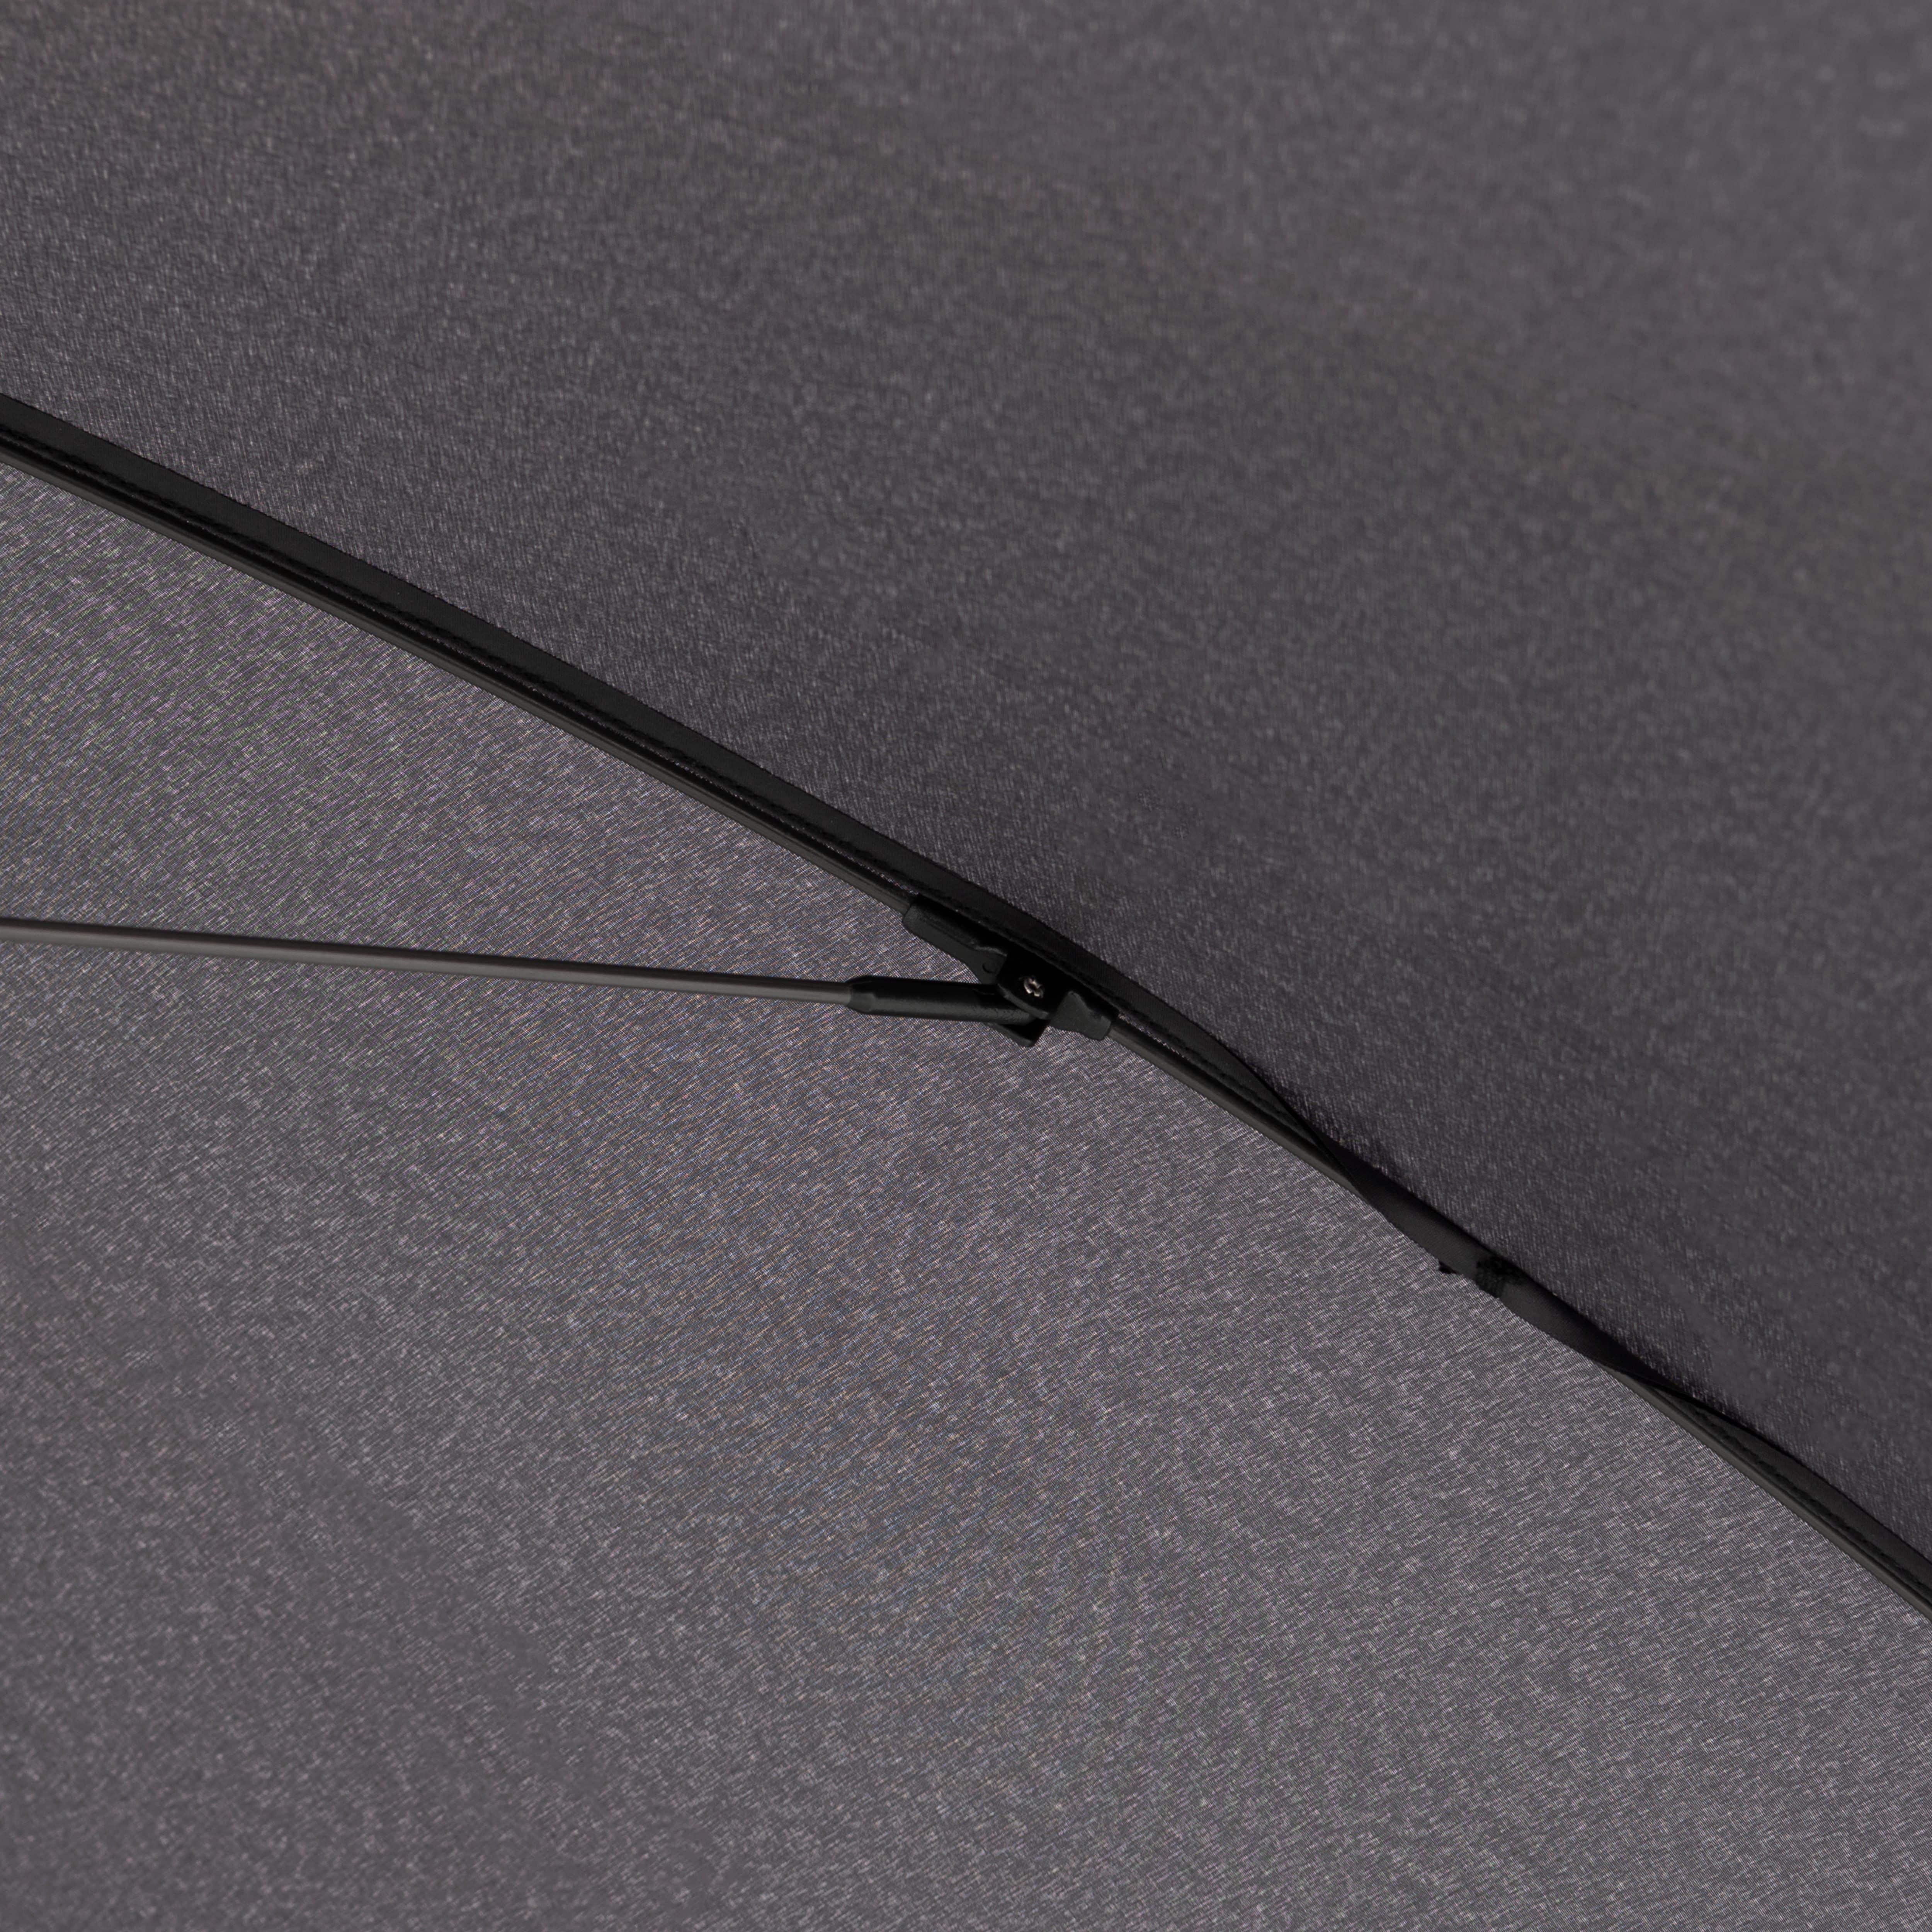 Knirps Umbrella U.900 ultra light XXL manual - photo 5